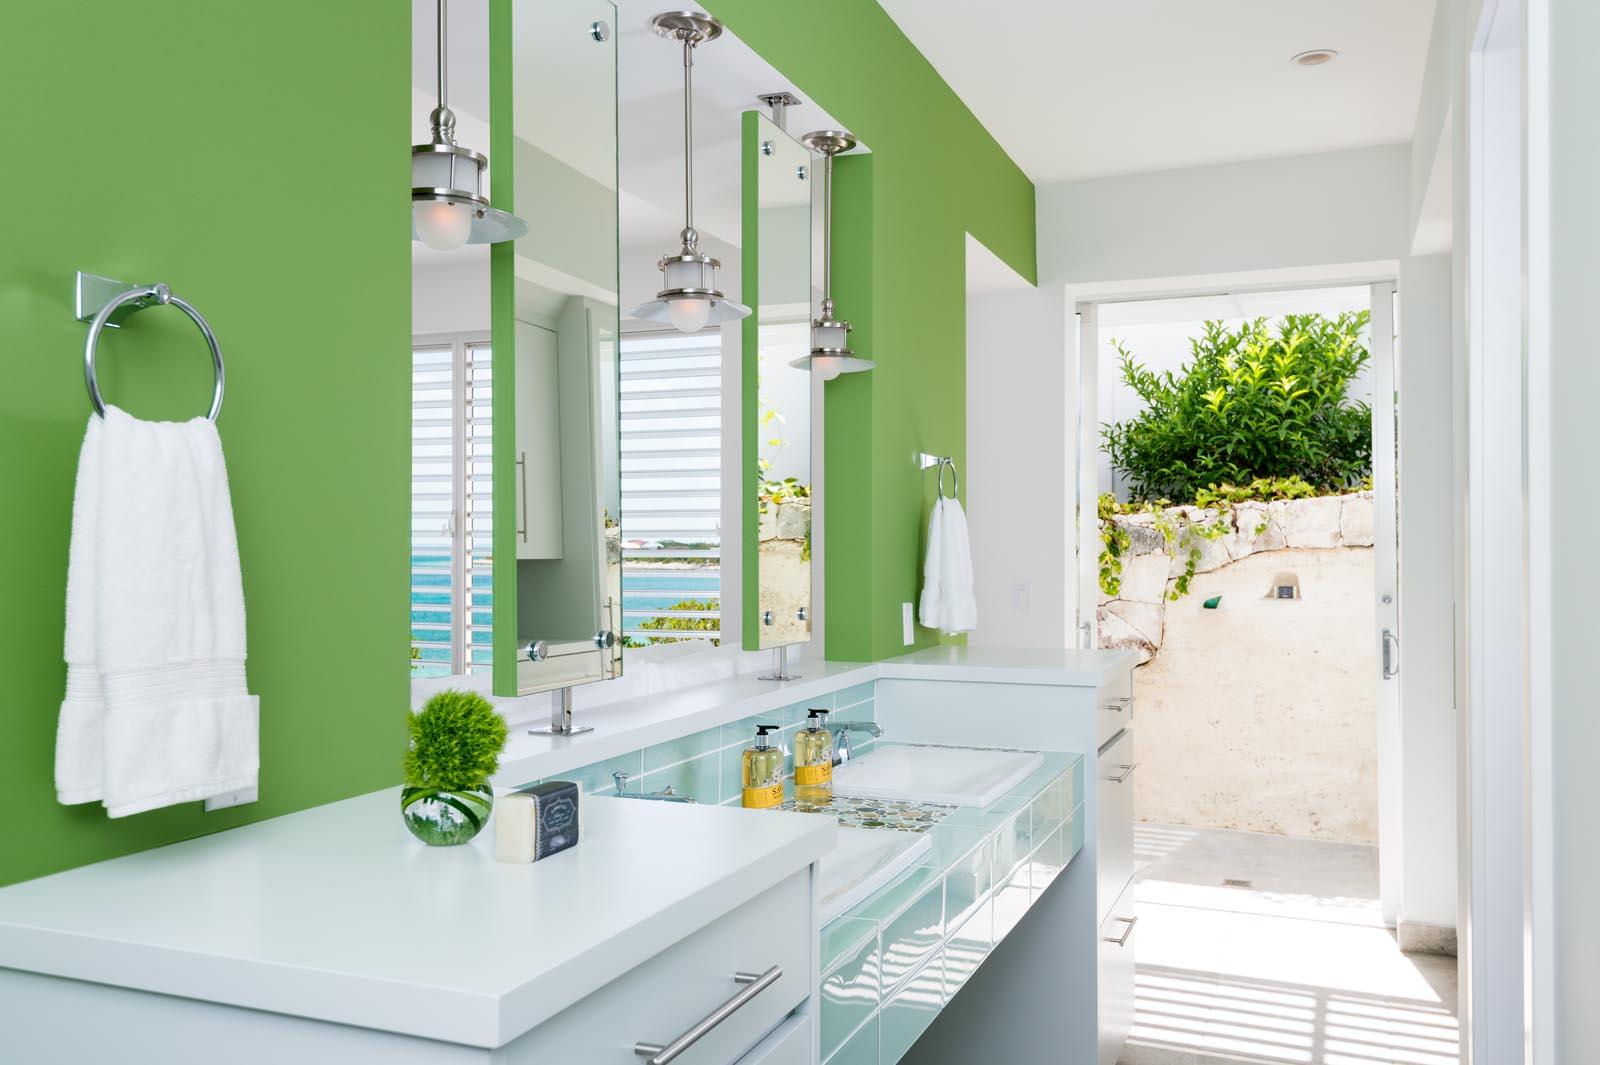 Villa Cascade, vacation villa rental offers en-suite bathrooms in all of the 6 bedrooms.